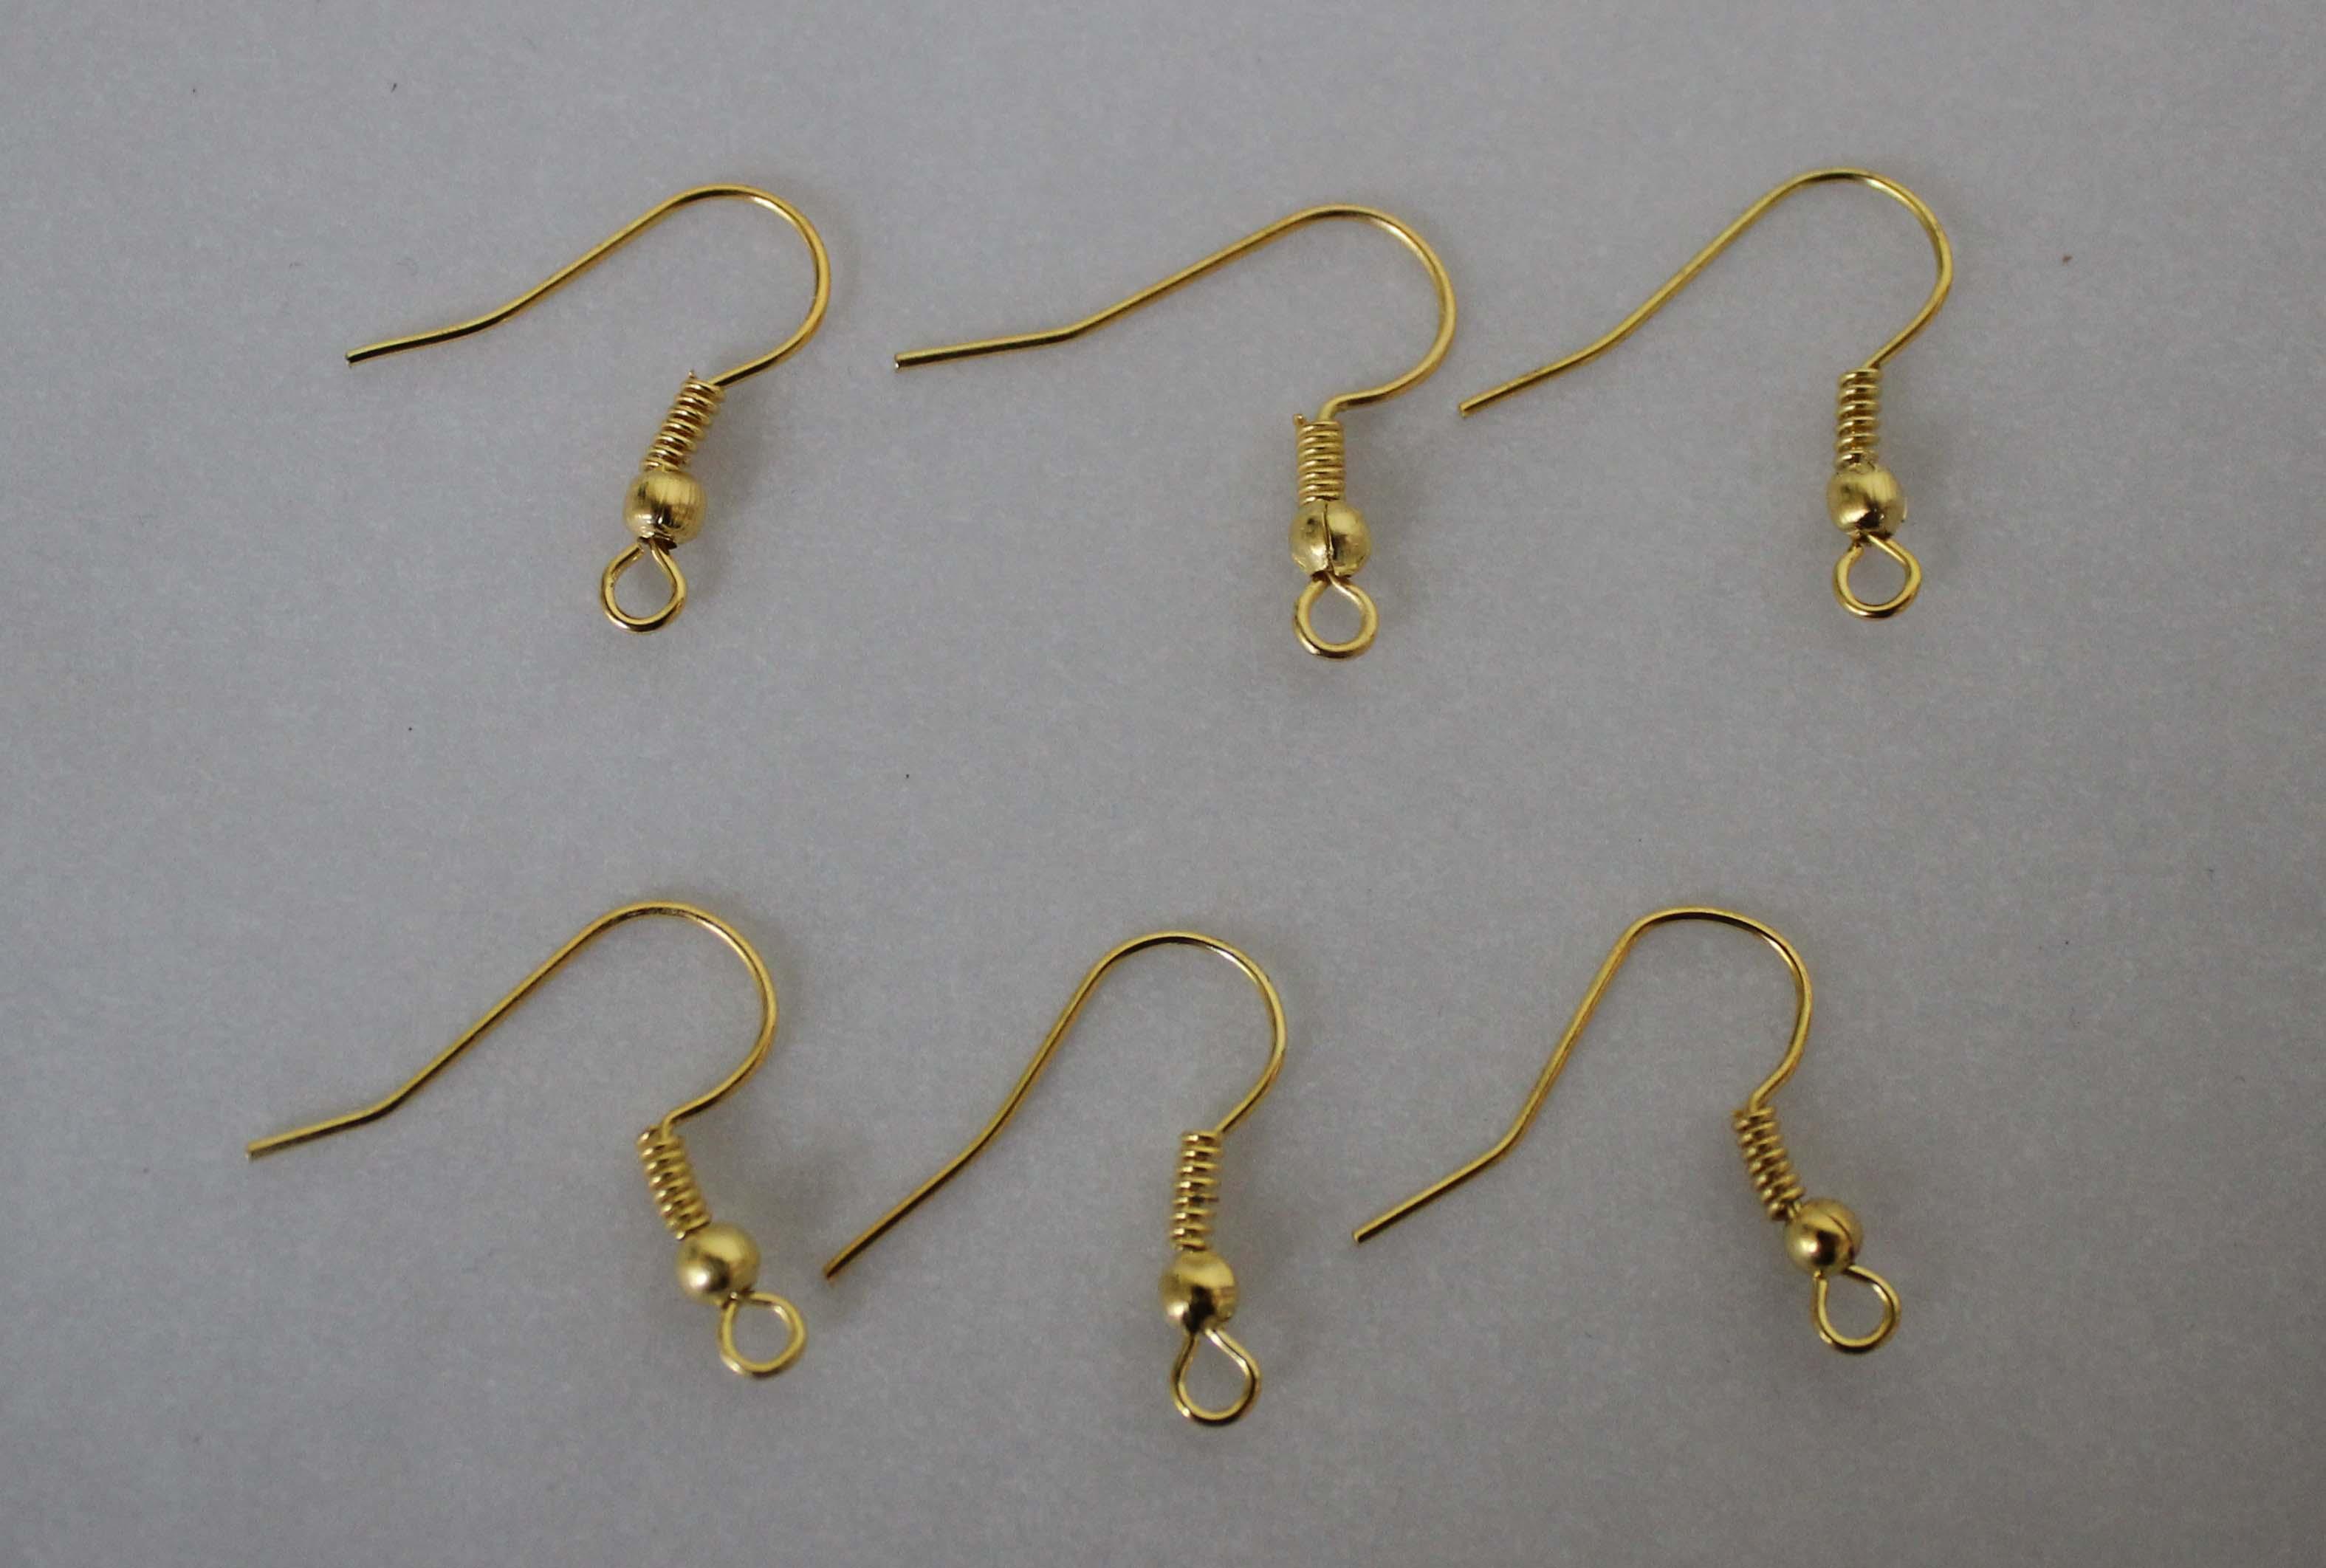 ピアスのフック ピアス部品 アクセサリーパーツ ブロンズ シルバー ゴールド留め具FV,1186ファッション雑貨 卸アーバンマツシマ 有限会社|問屋・仕入れ・卸・卸売の